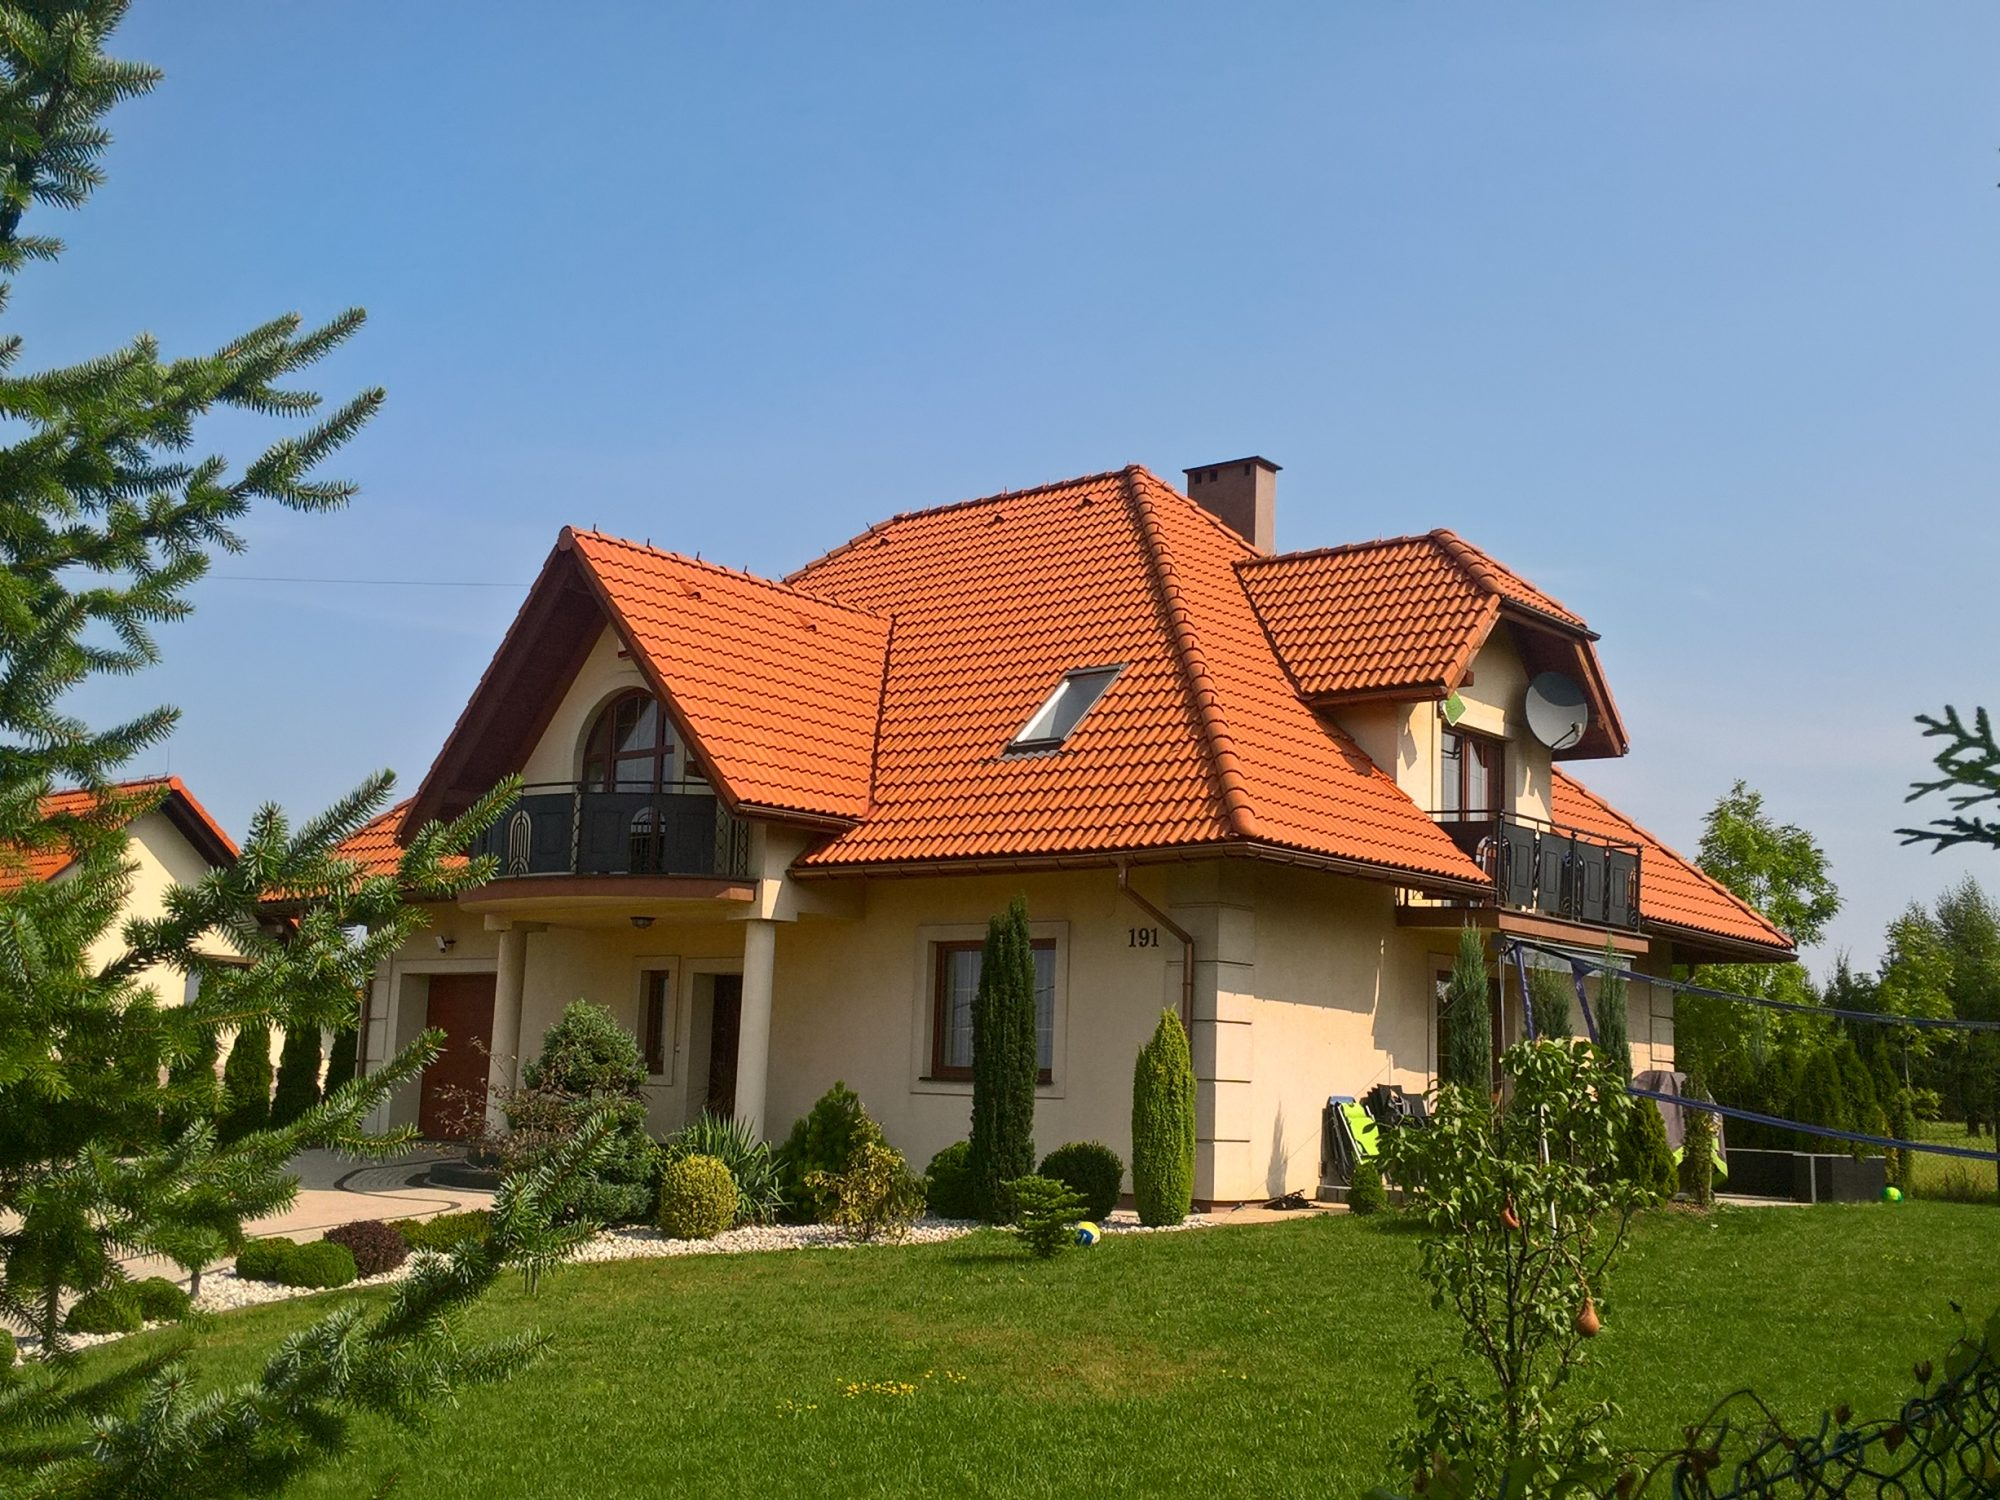 dom-tradycyjny-czerwony-dach